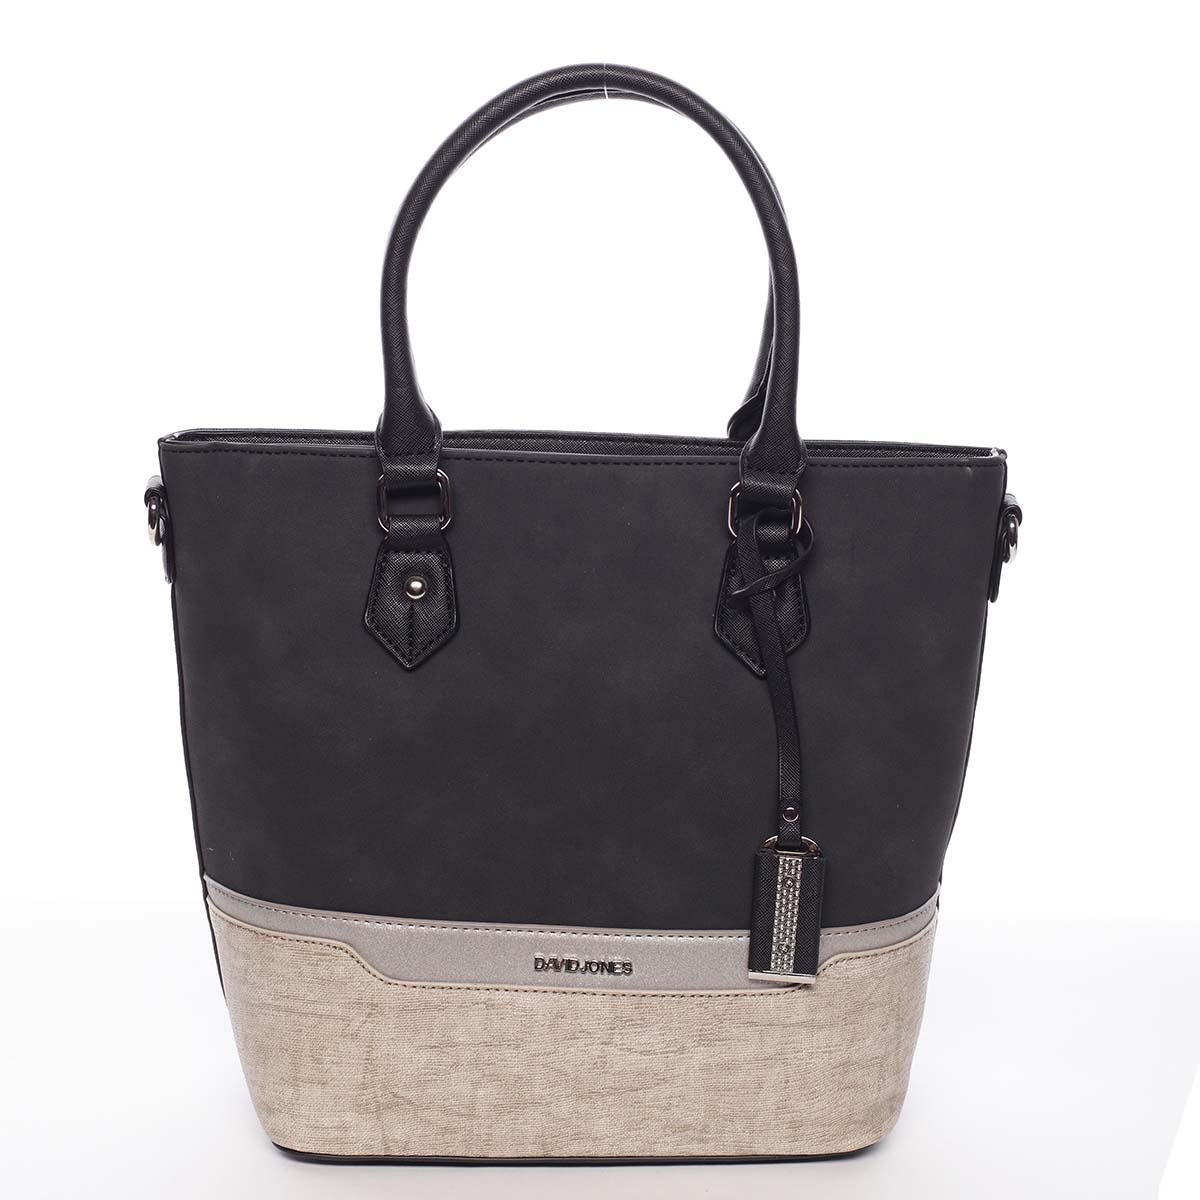 Elegantná a módna čierna dámska kabelka do ruky - David Jones Angely čierna